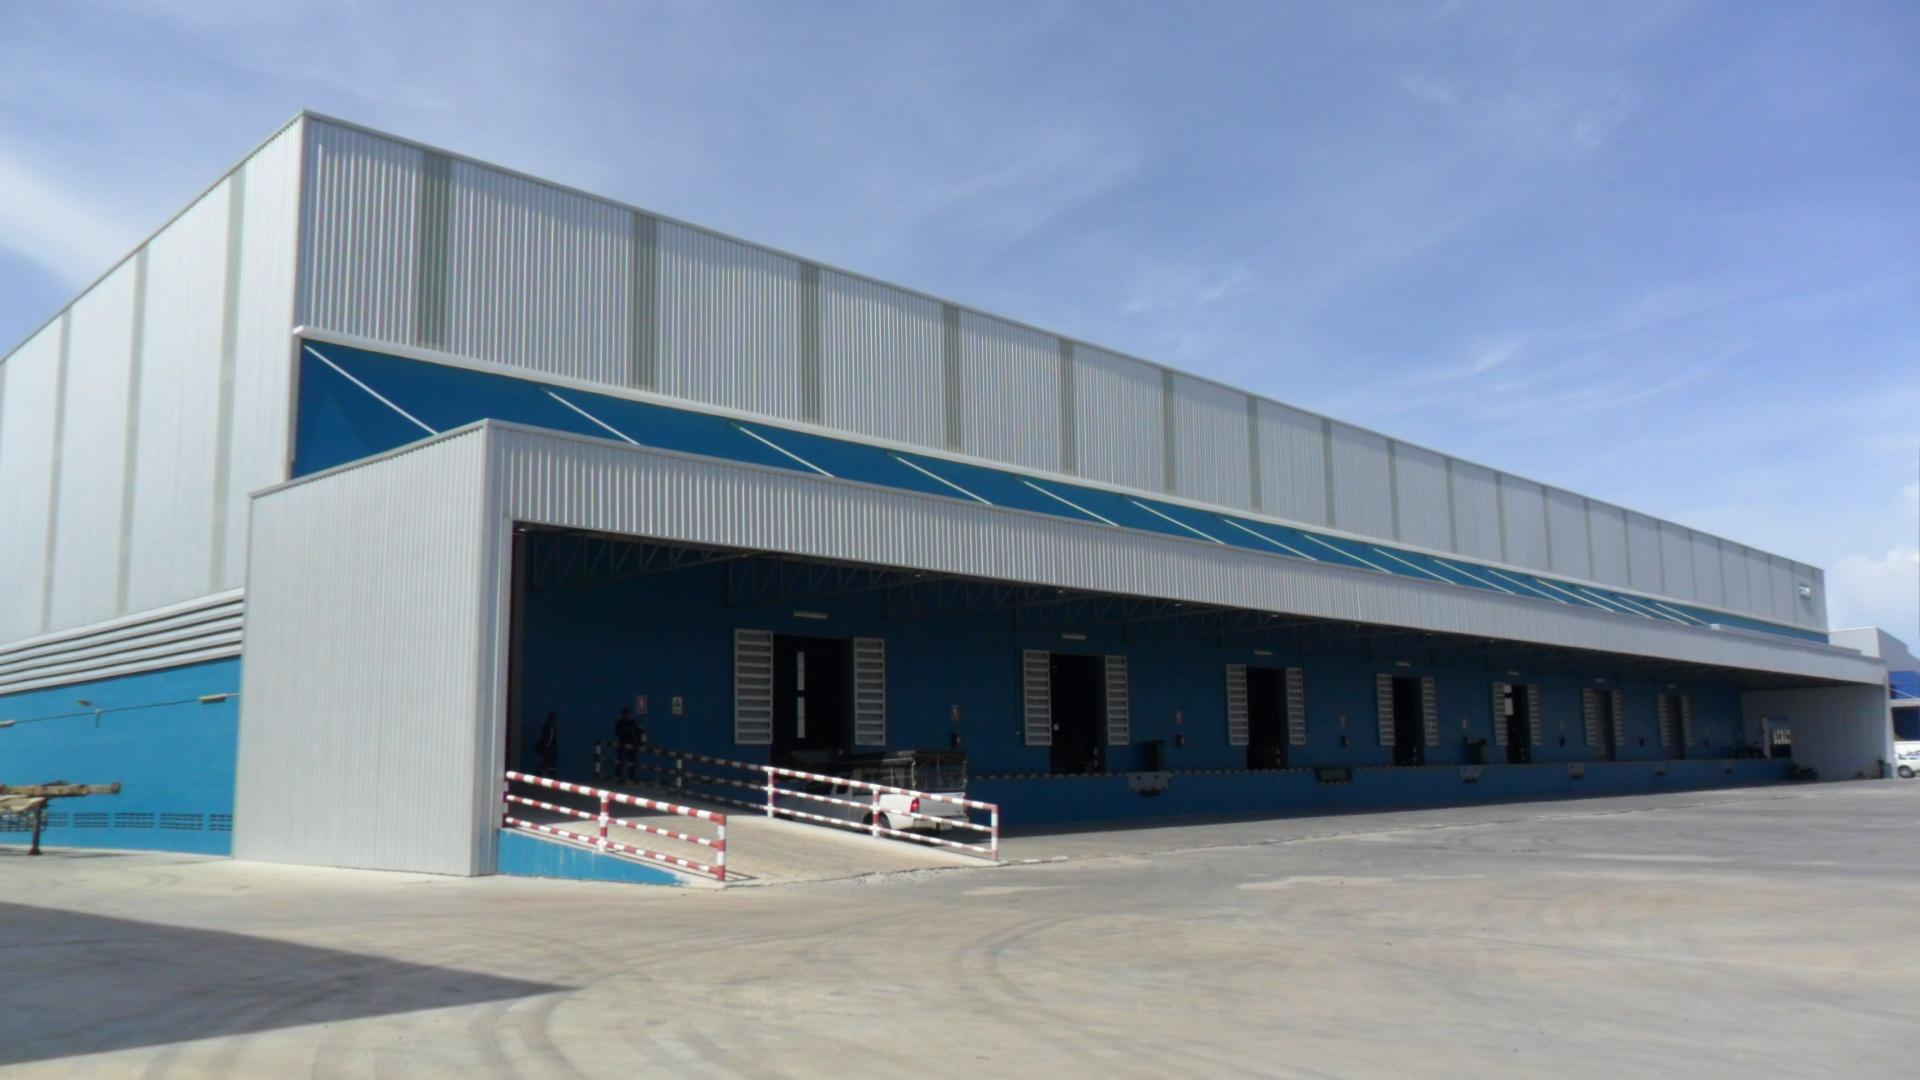 โรงงานให้เช่าบนถนนเทพารักษ์ (กม. 12) ,สมุทรปราการ